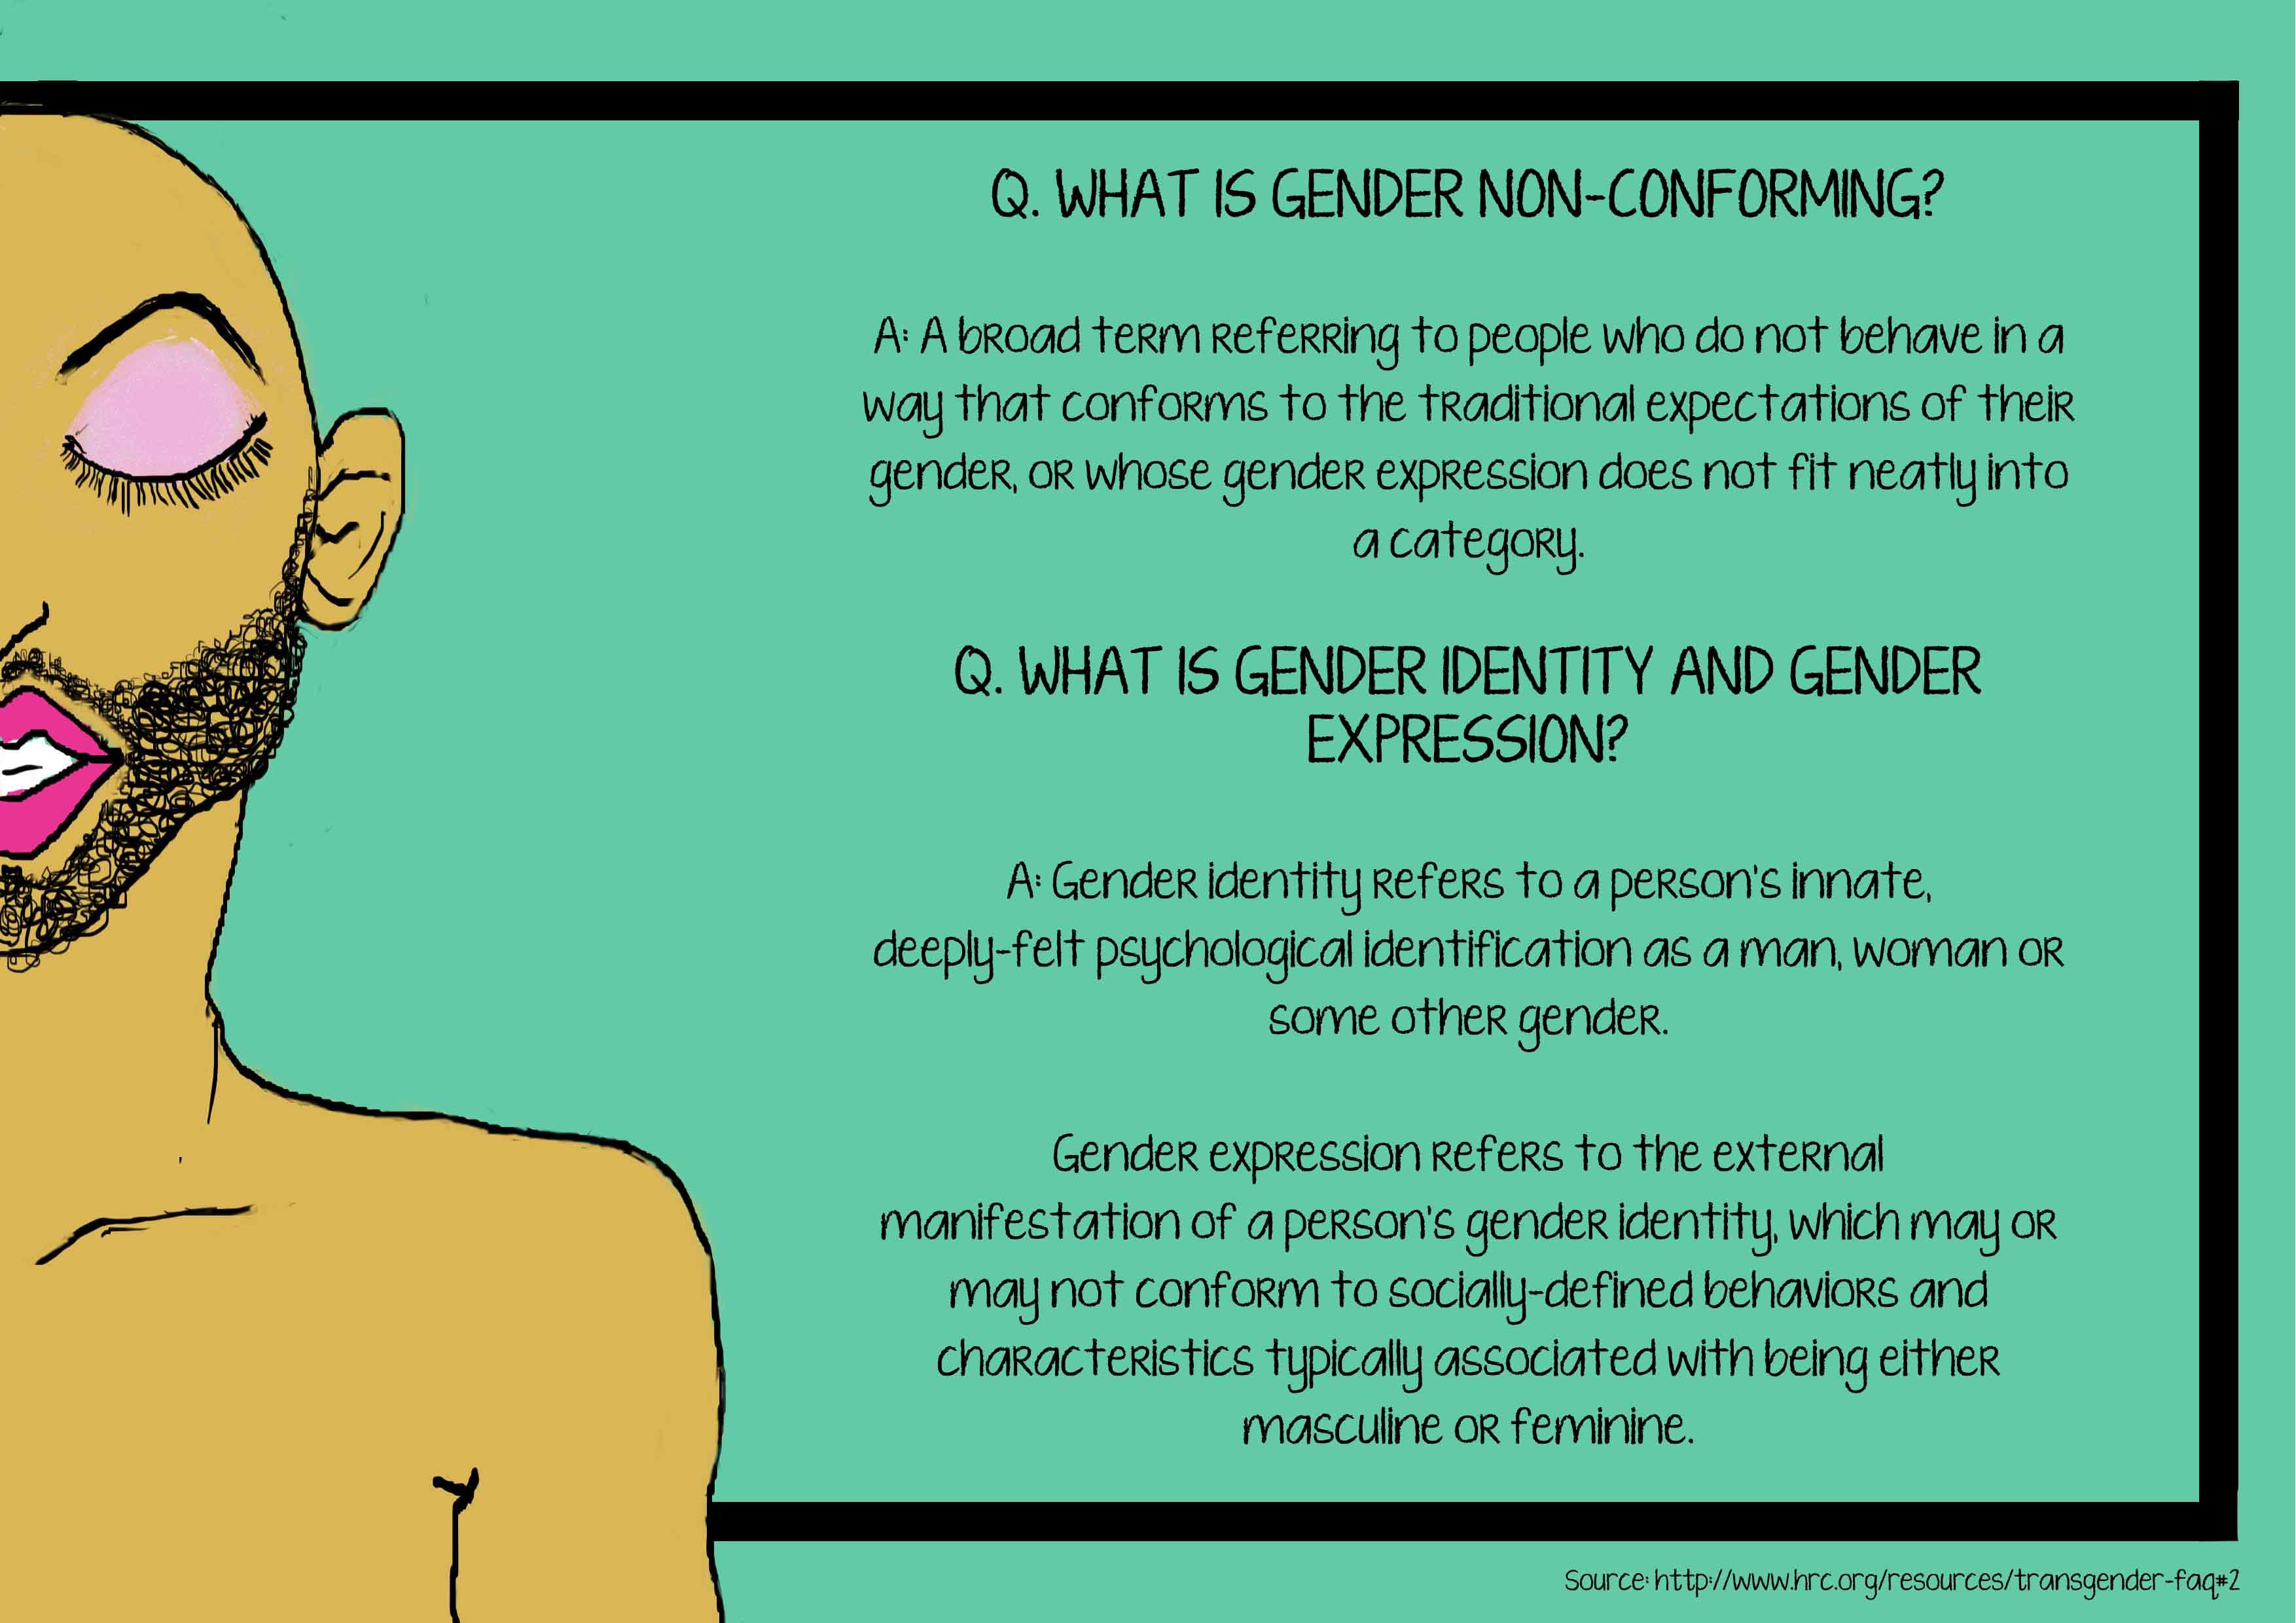 gender non conforming